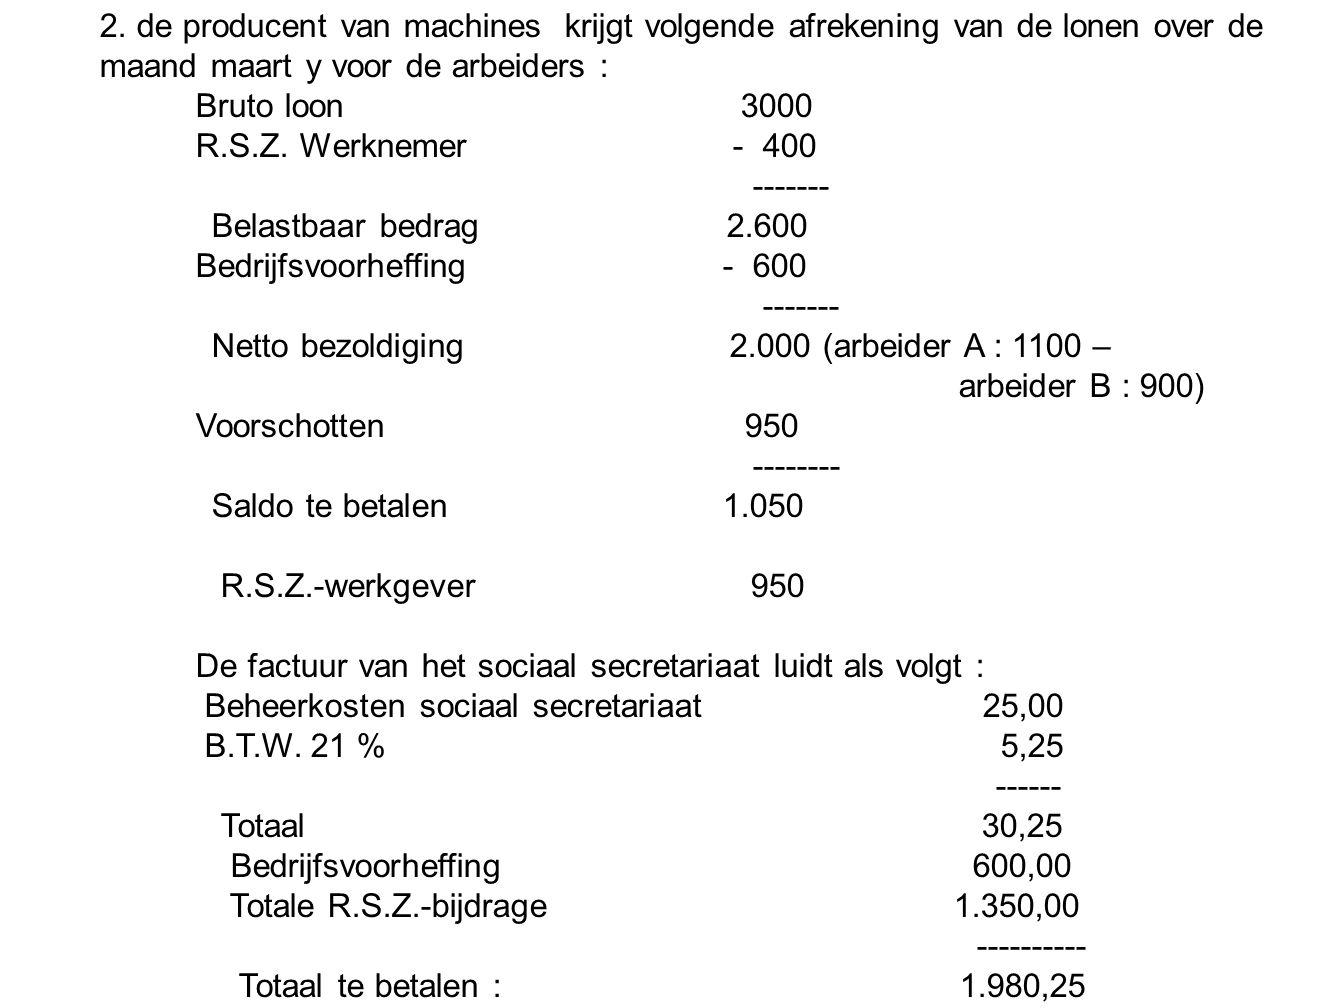 2. de producent van machines krijgt volgende afrekening van de lonen over de maand maart y voor de arbeiders :